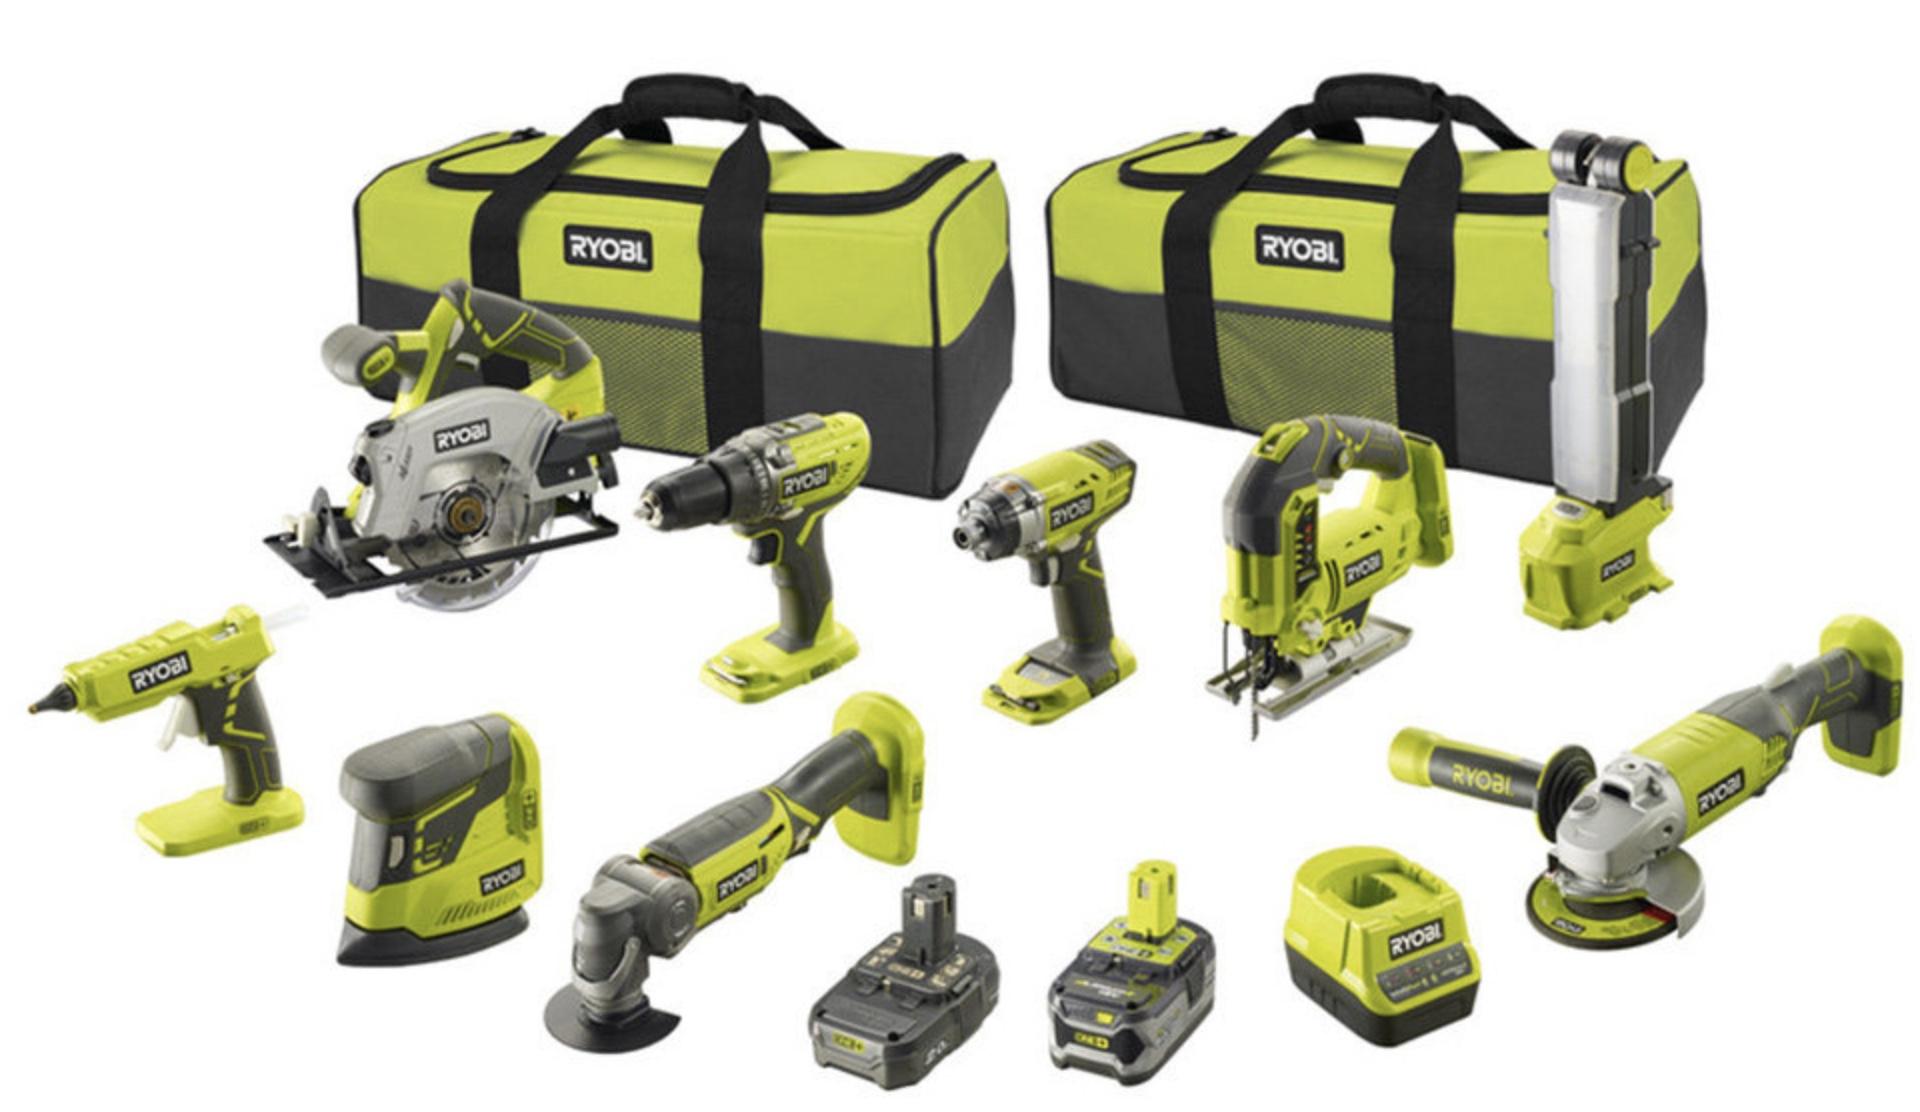 Code promo Brico Privé : Pack de 9 outils Ryobi + 2 batteries + 2 sacs de transport + chargeur à 699,99€